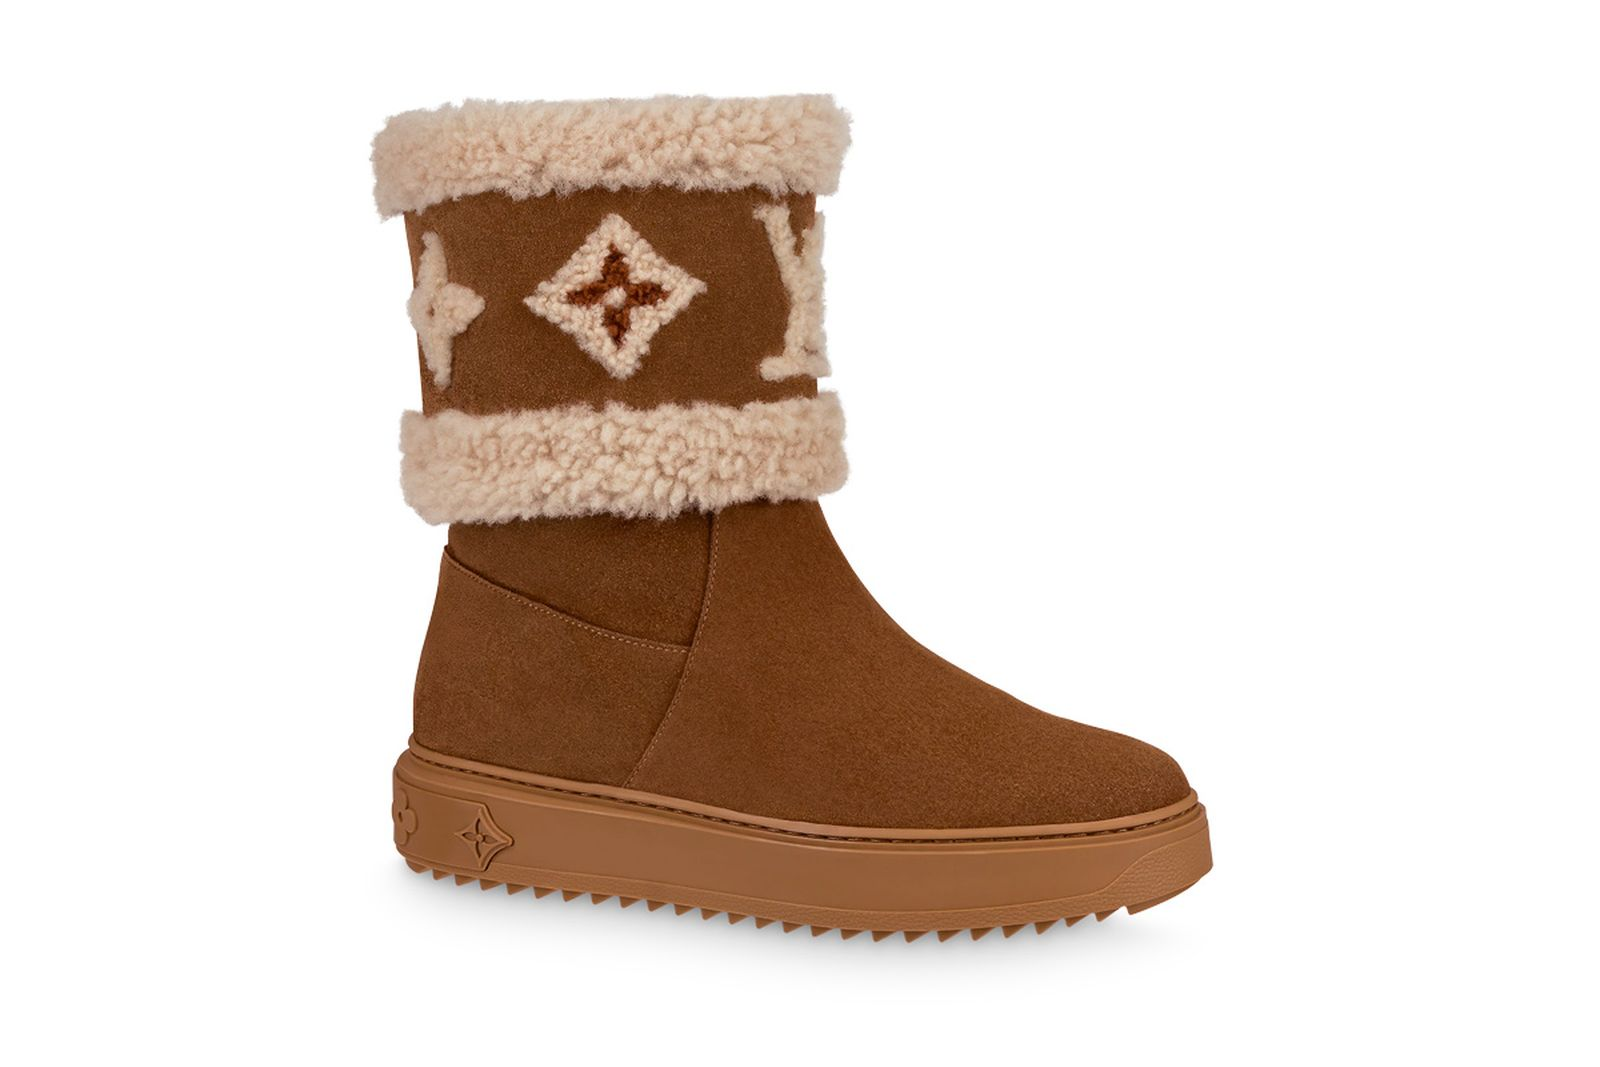 louis-vuitton-ugg-boots-comparison-01